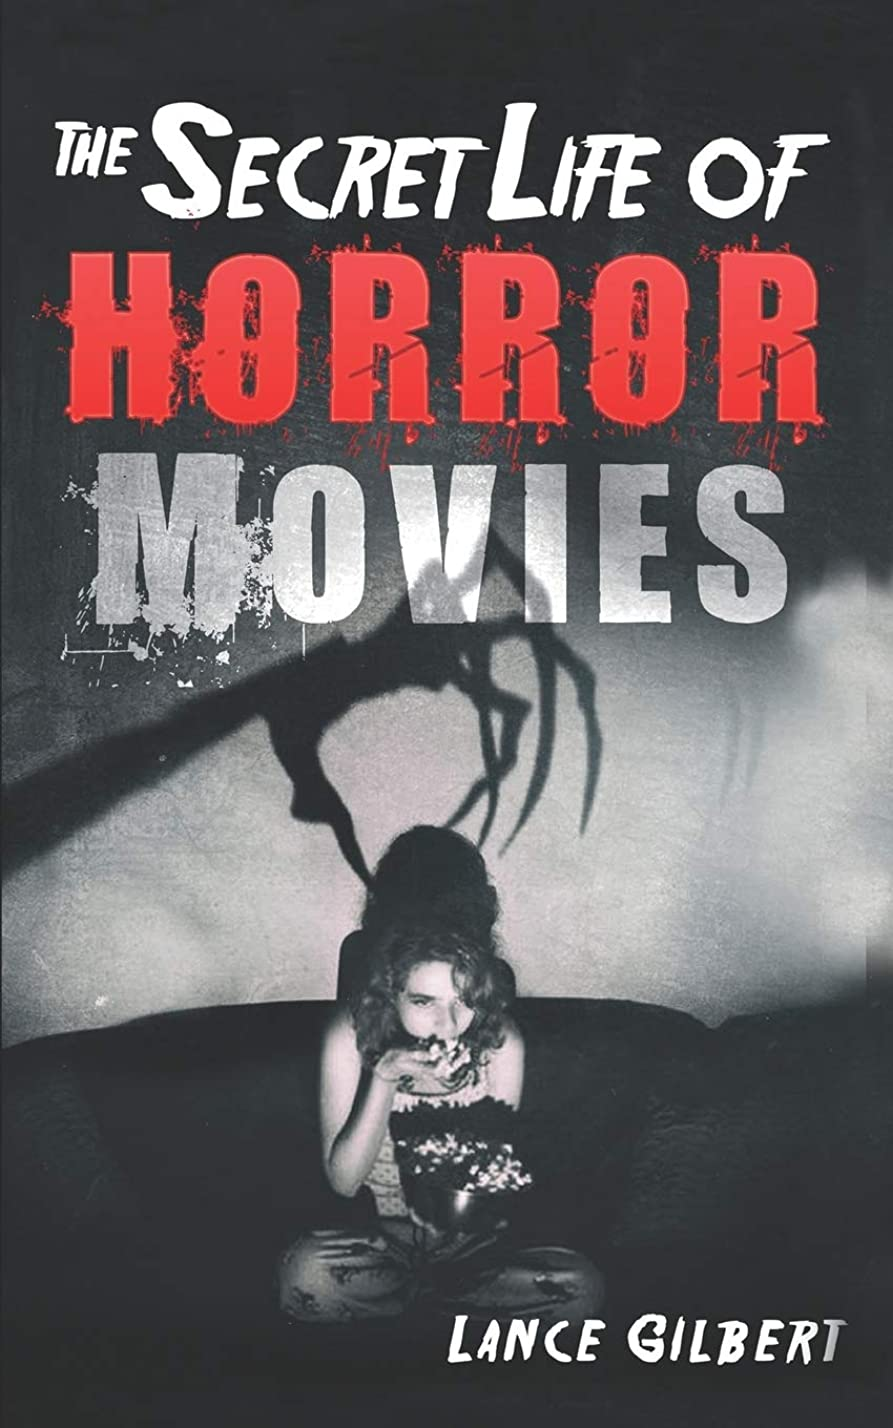 ポルノ雲ダルセットHorror Movies: The Secret Life of Real Occult Demons, Paranormal Ghosts, and Supernatural Monsters (The Secret Life of Horror Movies: Part 1- Cursed Films)